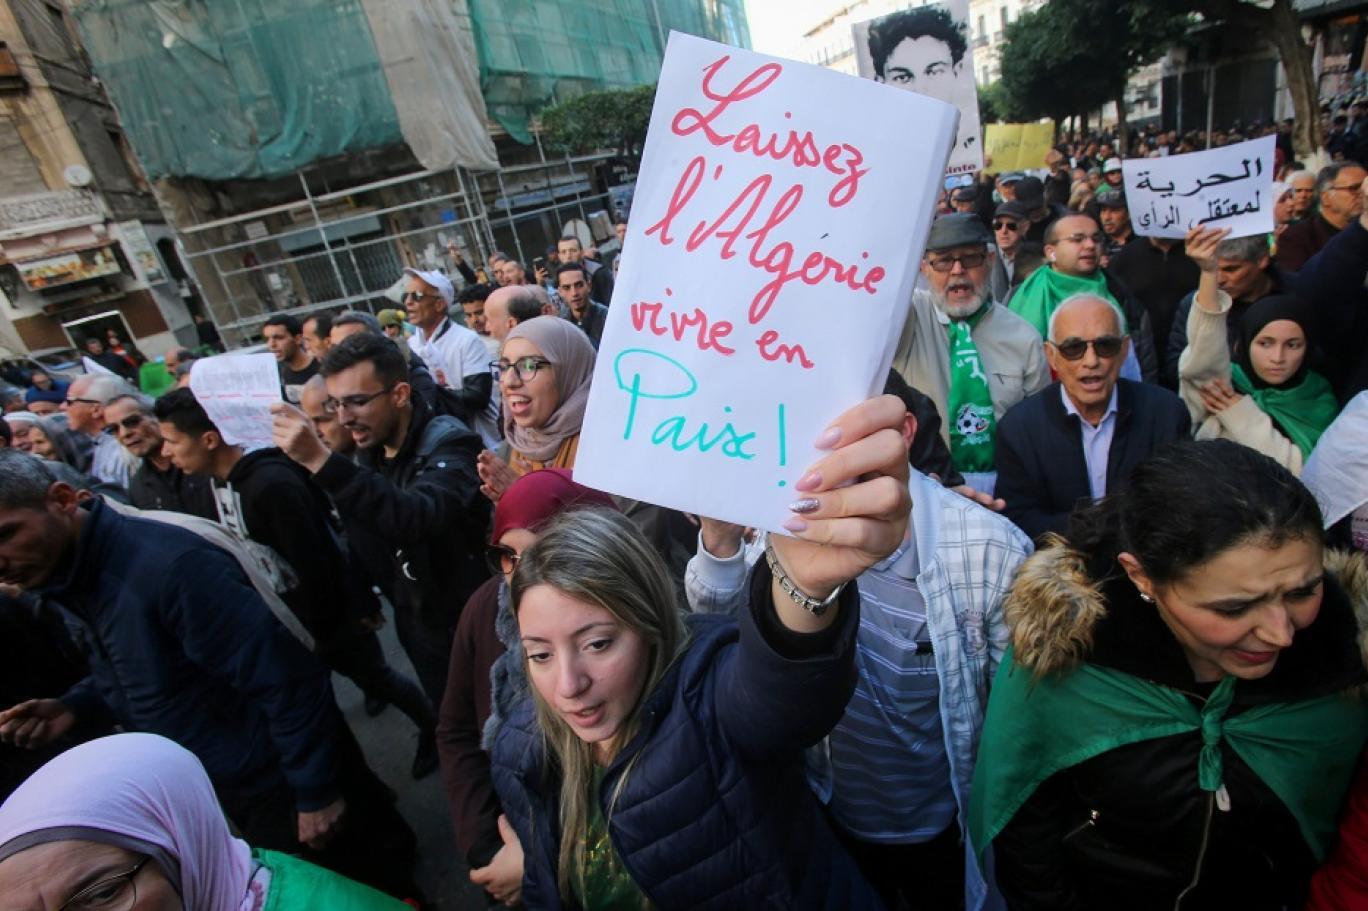 معهد دراسات بريطاني: «هدوء الحراك  الجزائري قد يتحول إلى عاصفة طويلة الأمد       «